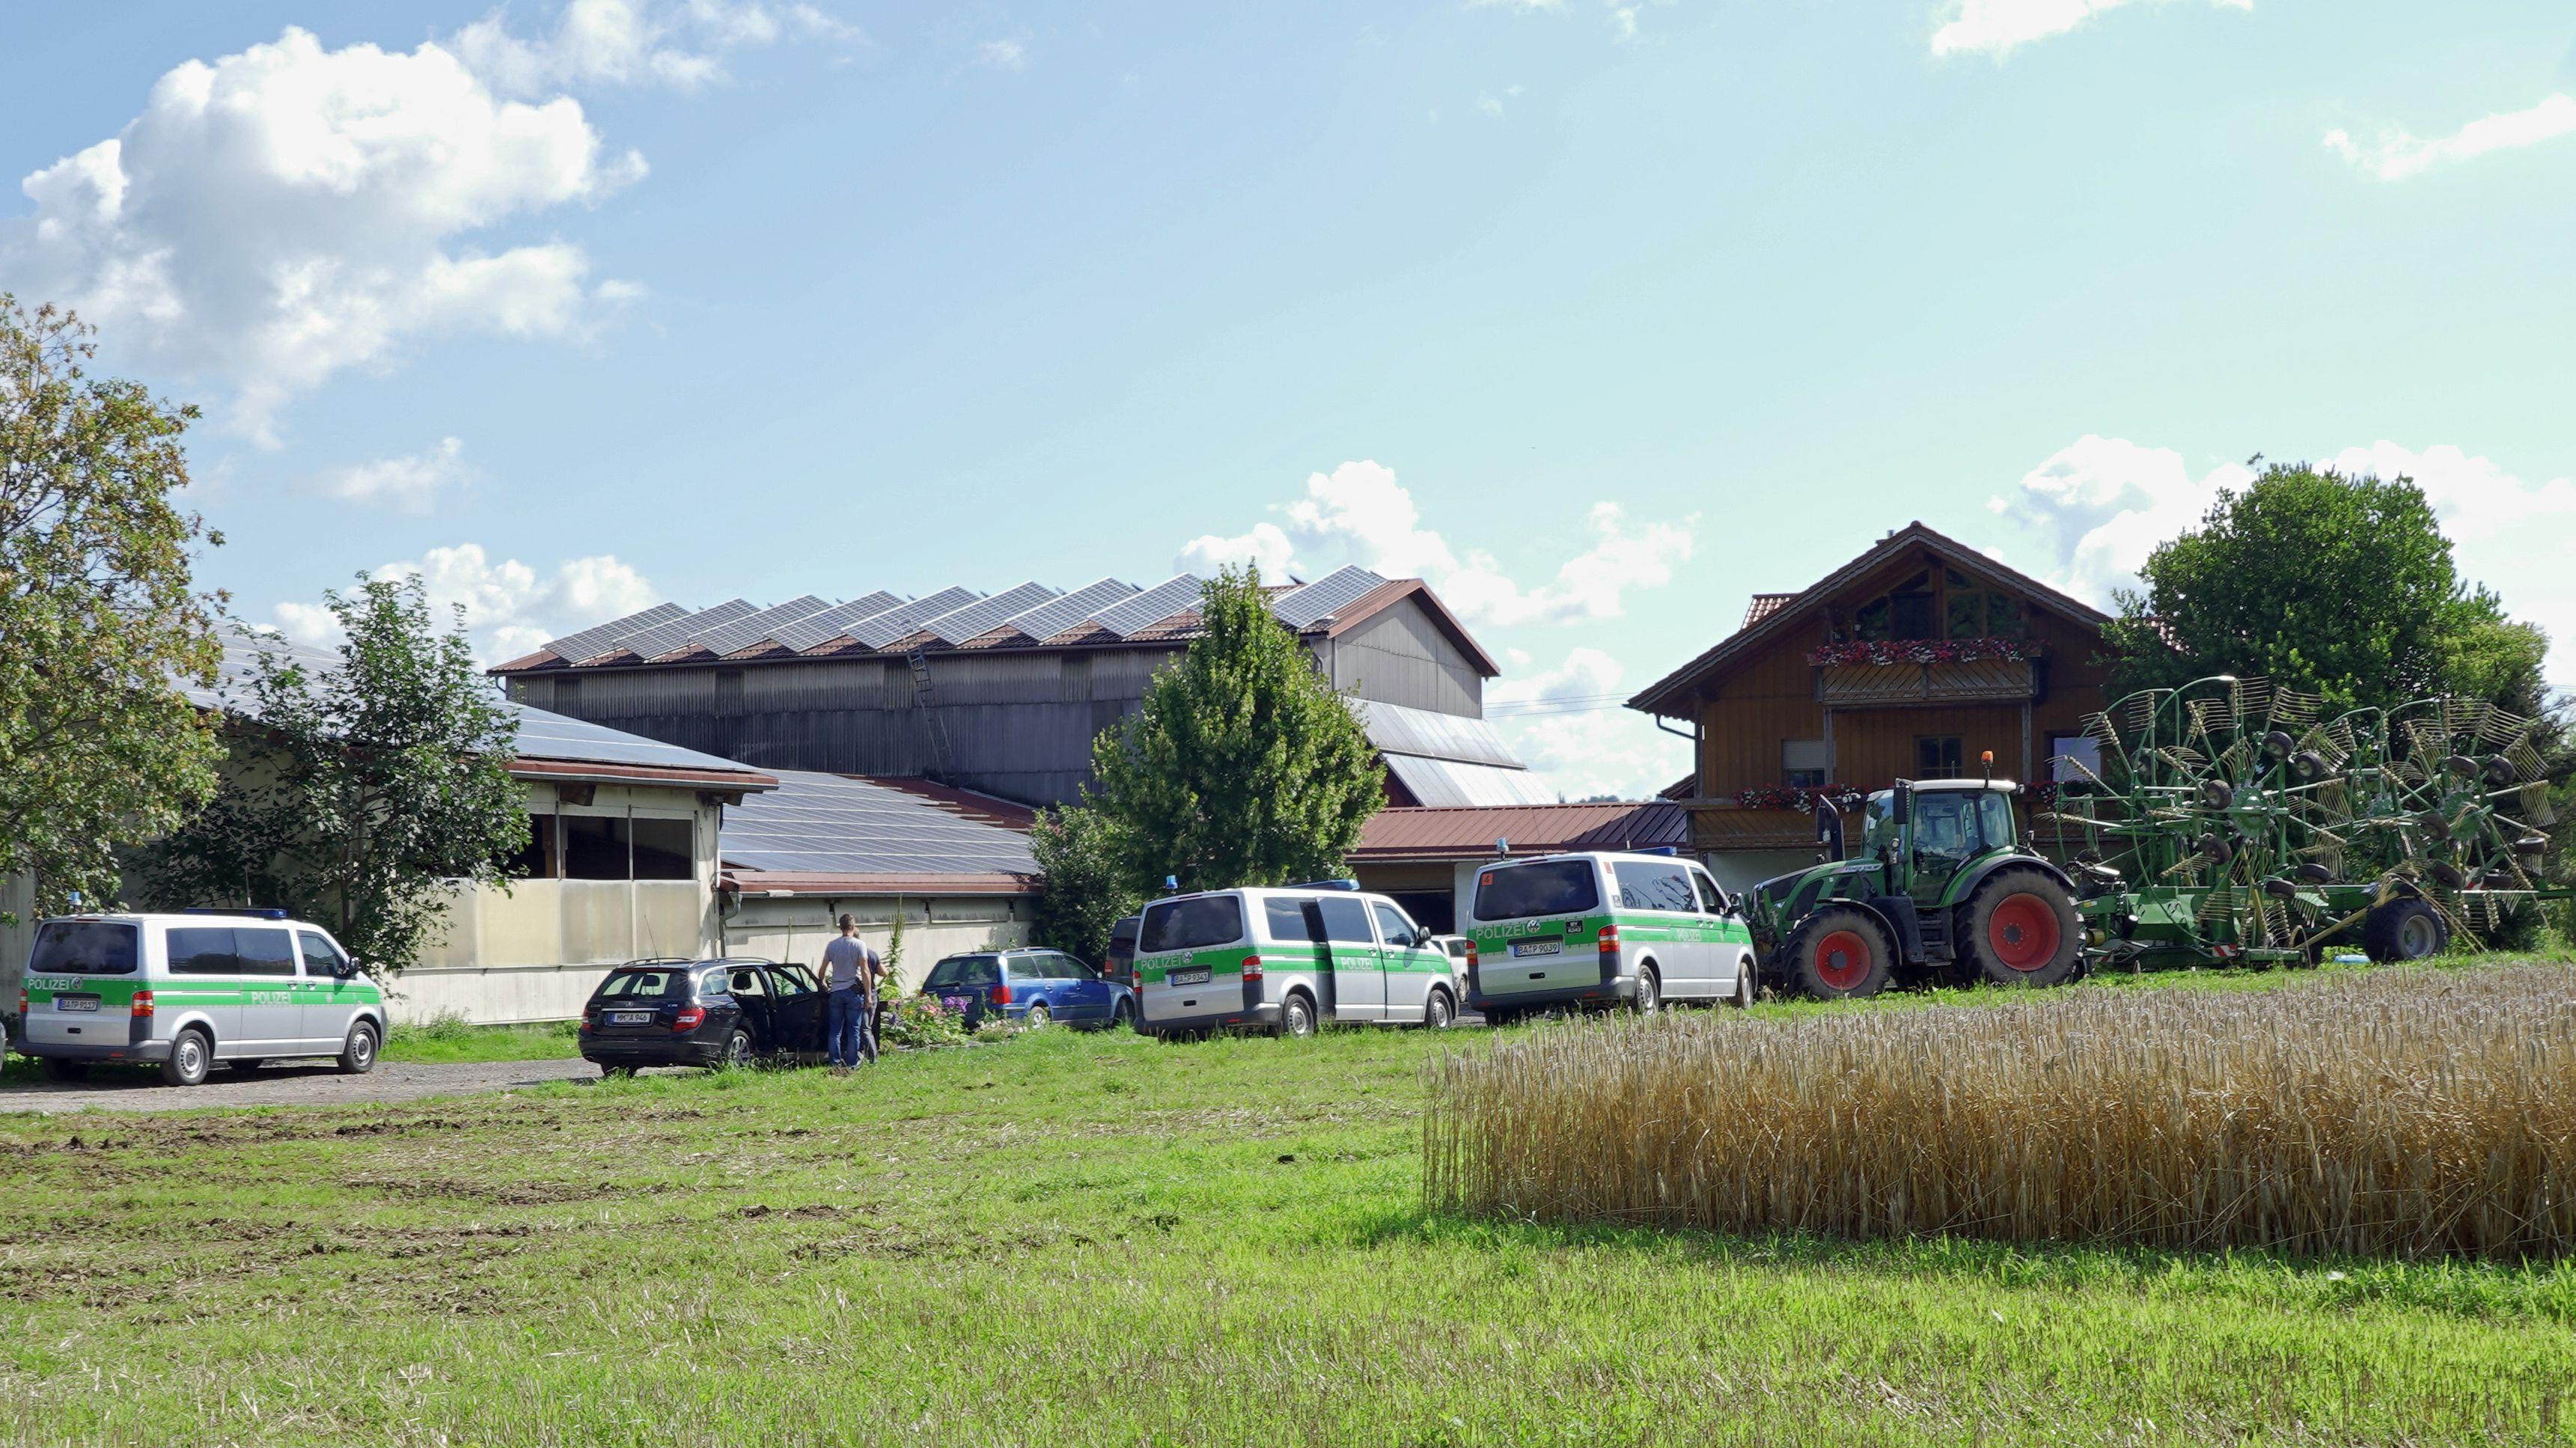 Während einer Durchsuchung stehen Polizeifahrzeuge an einem Bauernhof in Bad Grönenbach